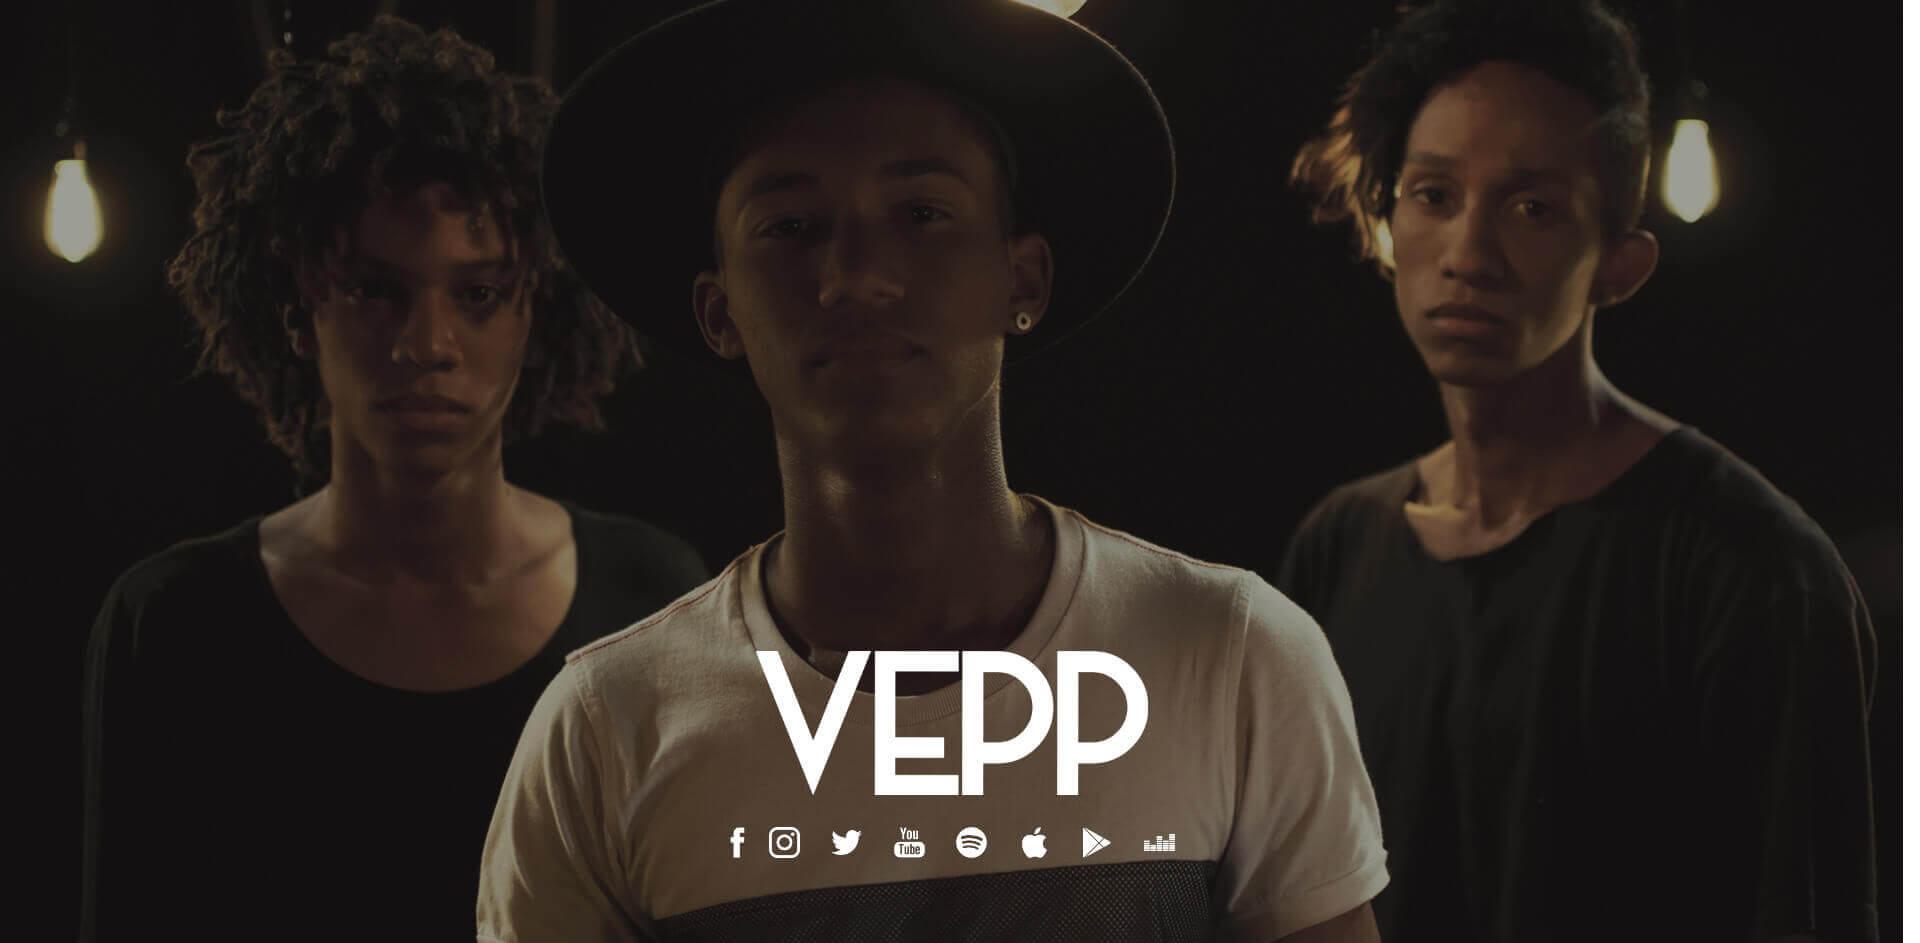 Banda Vepp